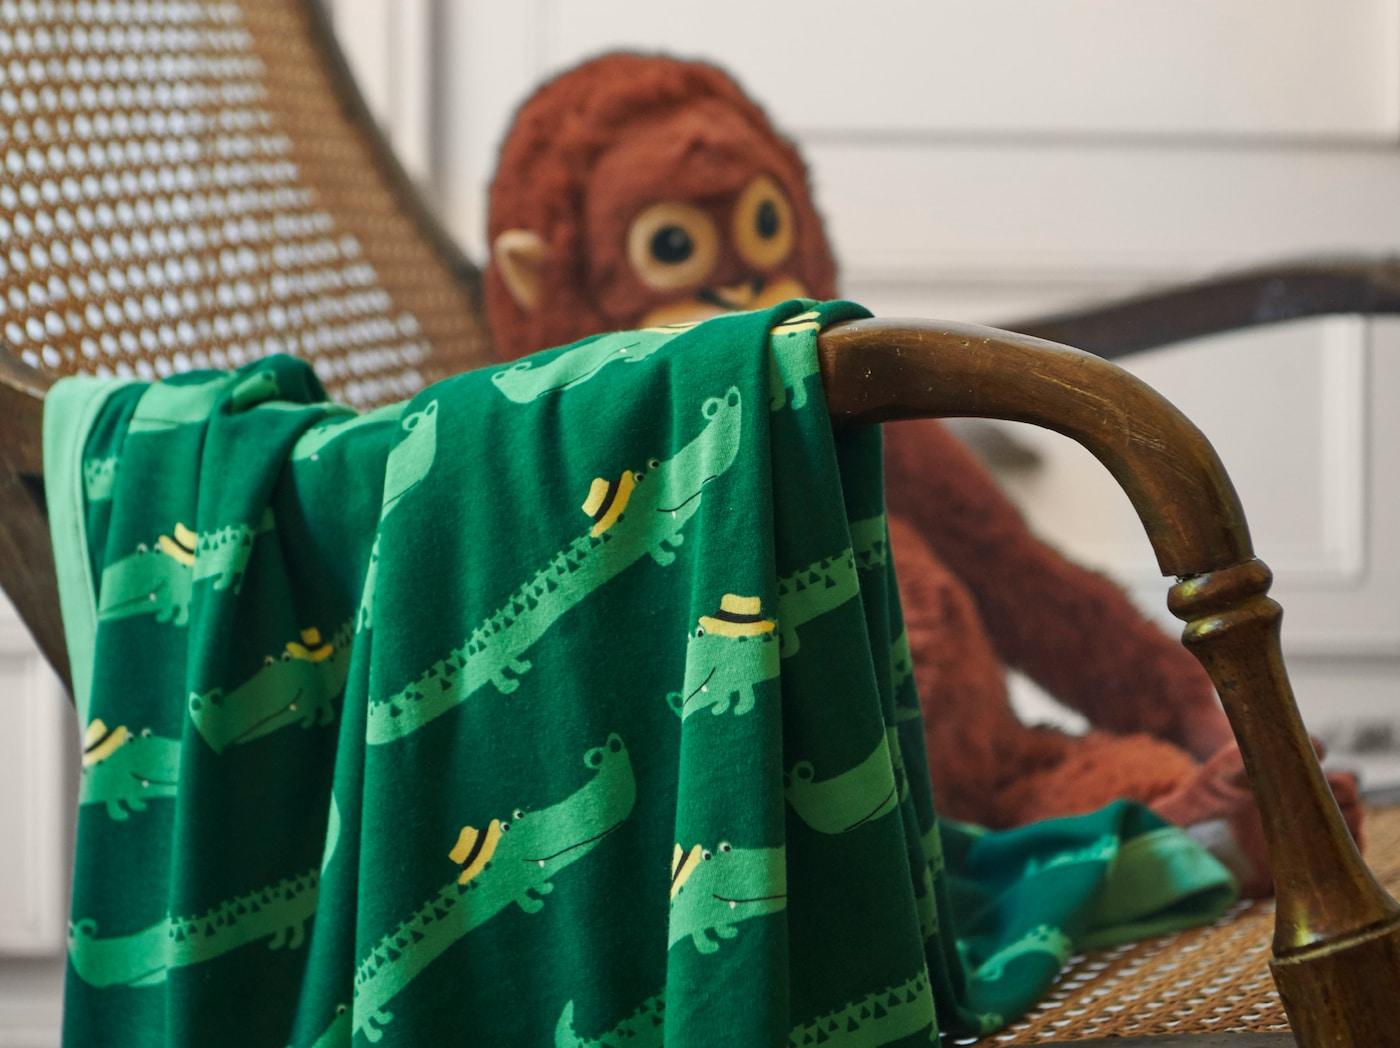 Gros plan de la couverture RÖRANDE avec des crocodiles sympathiques rampant sur un fond vert. La couverture est placée sur une chaise en osier.